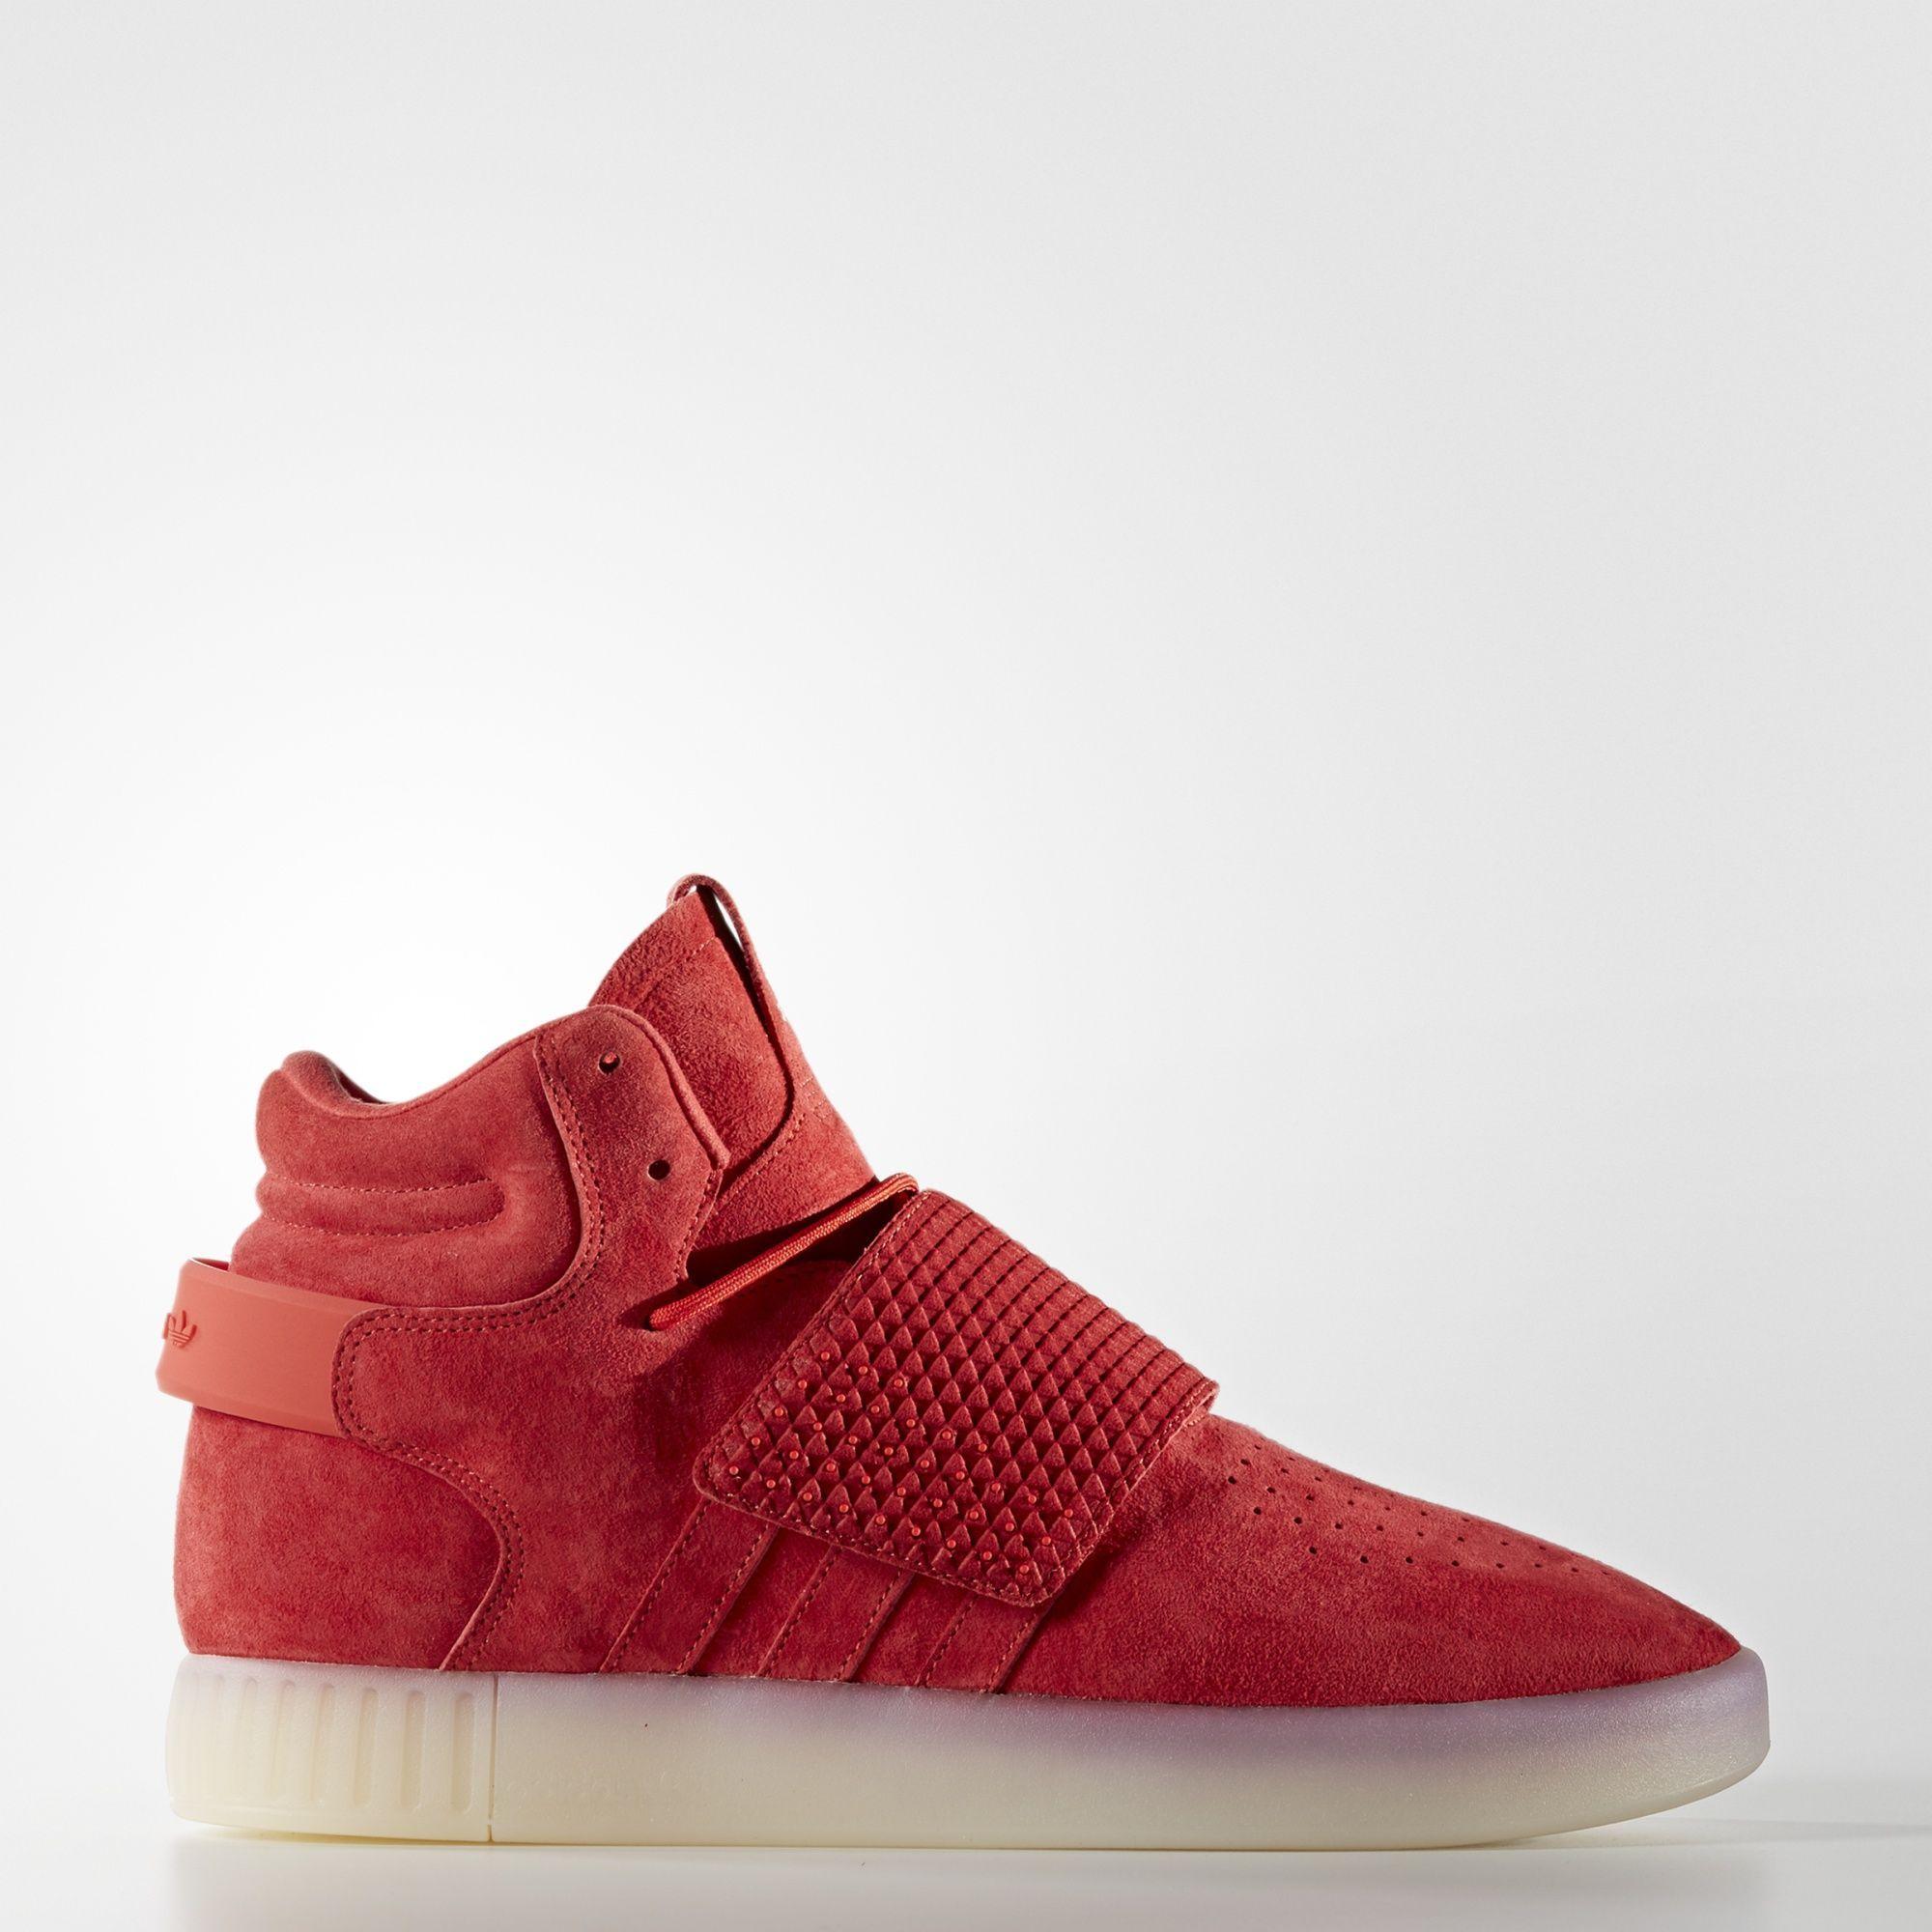 7c7a9f2243 costo scarpe adidas online > OFF47% sconti